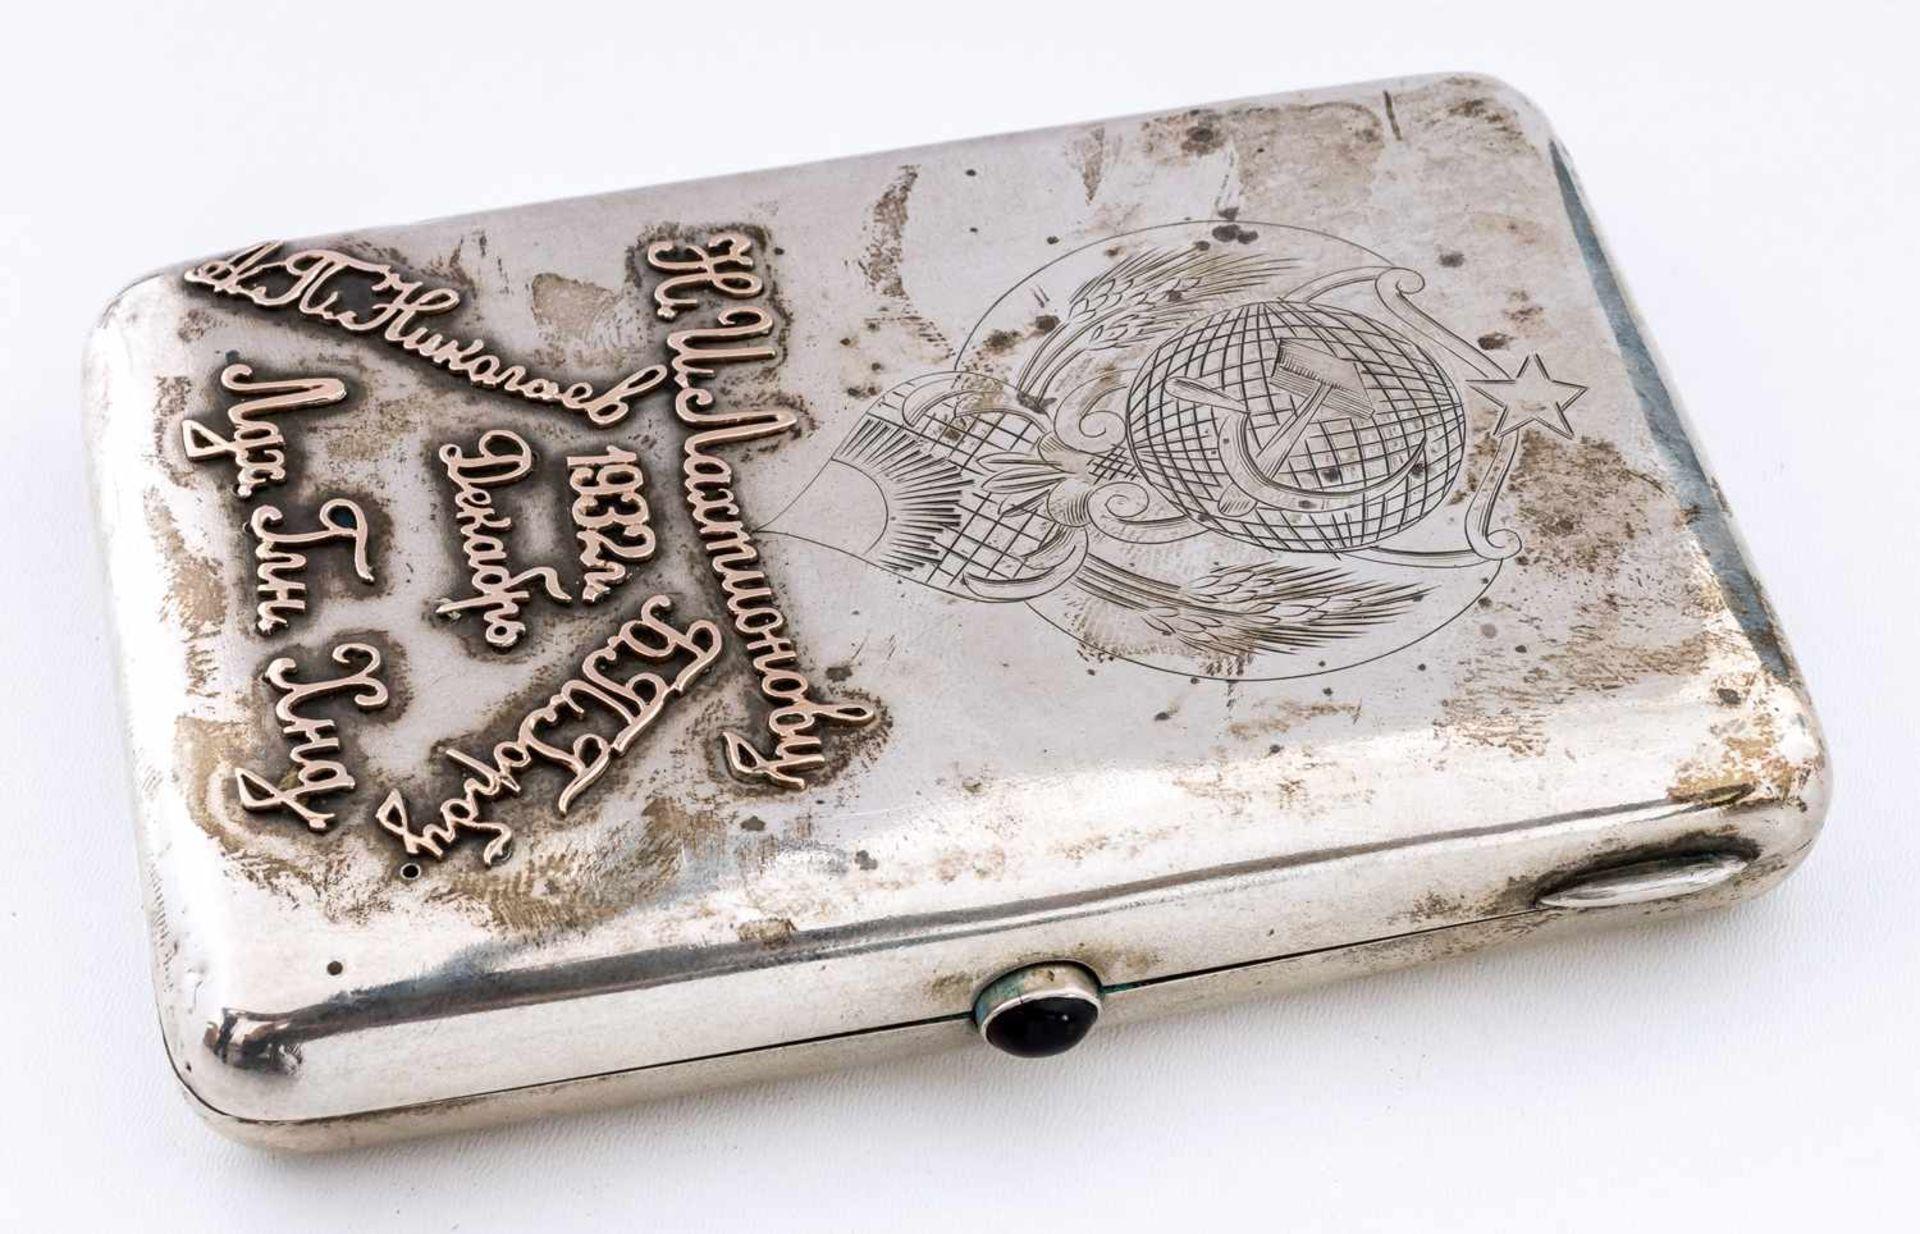 Zigarettenetui mit Sowjetsymbolen und goldenen Aufschriften Sowjetunion, Silber (170g), Moskau